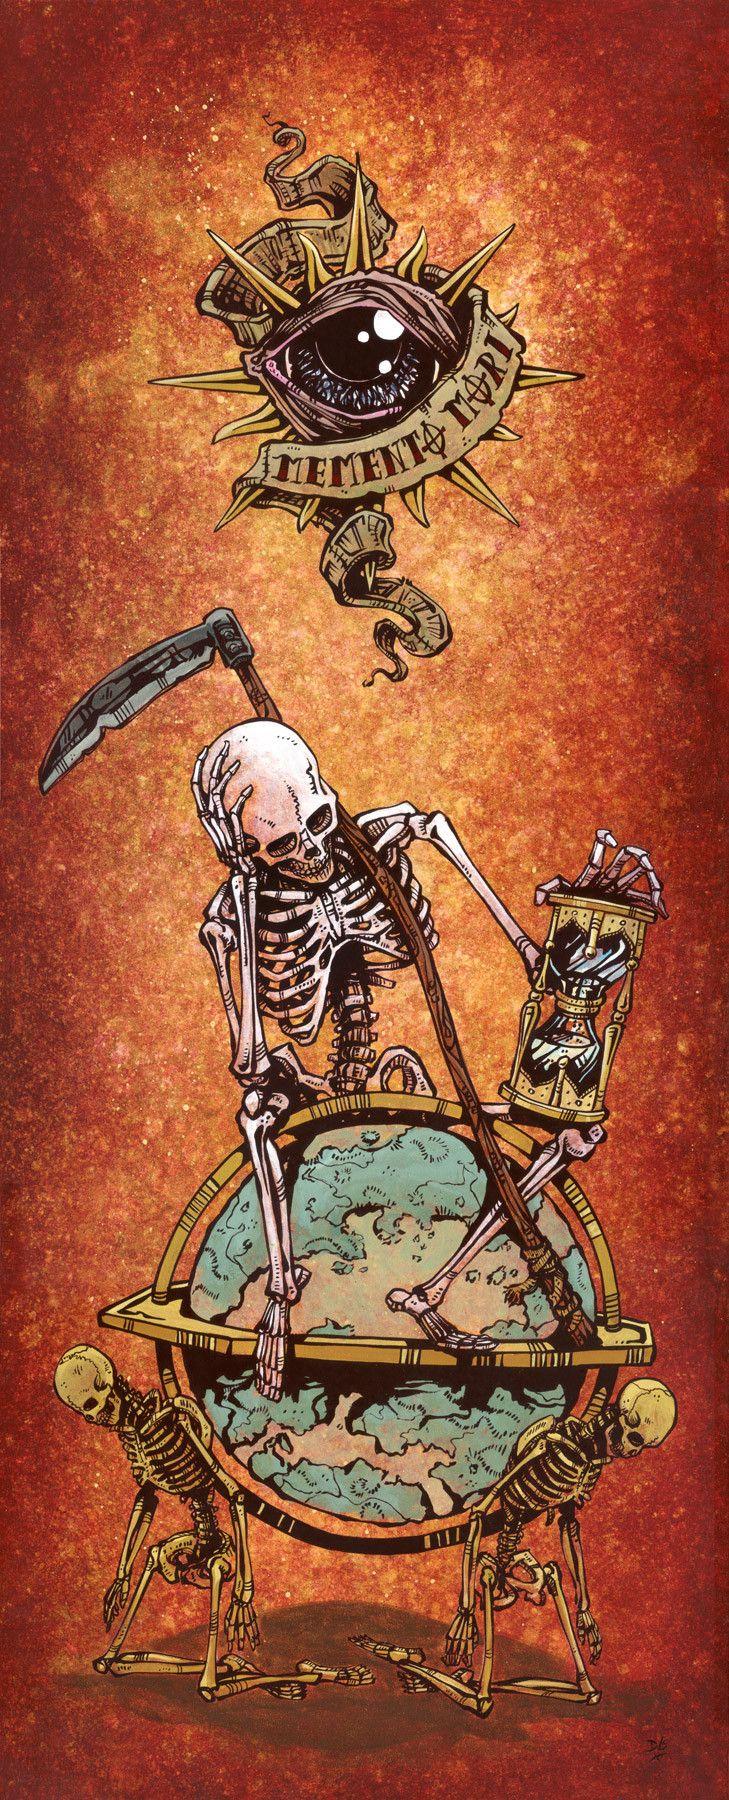 Day of the Dead Art by David Lozeau, Memento Mori, Dia de los Muertos Art - 1